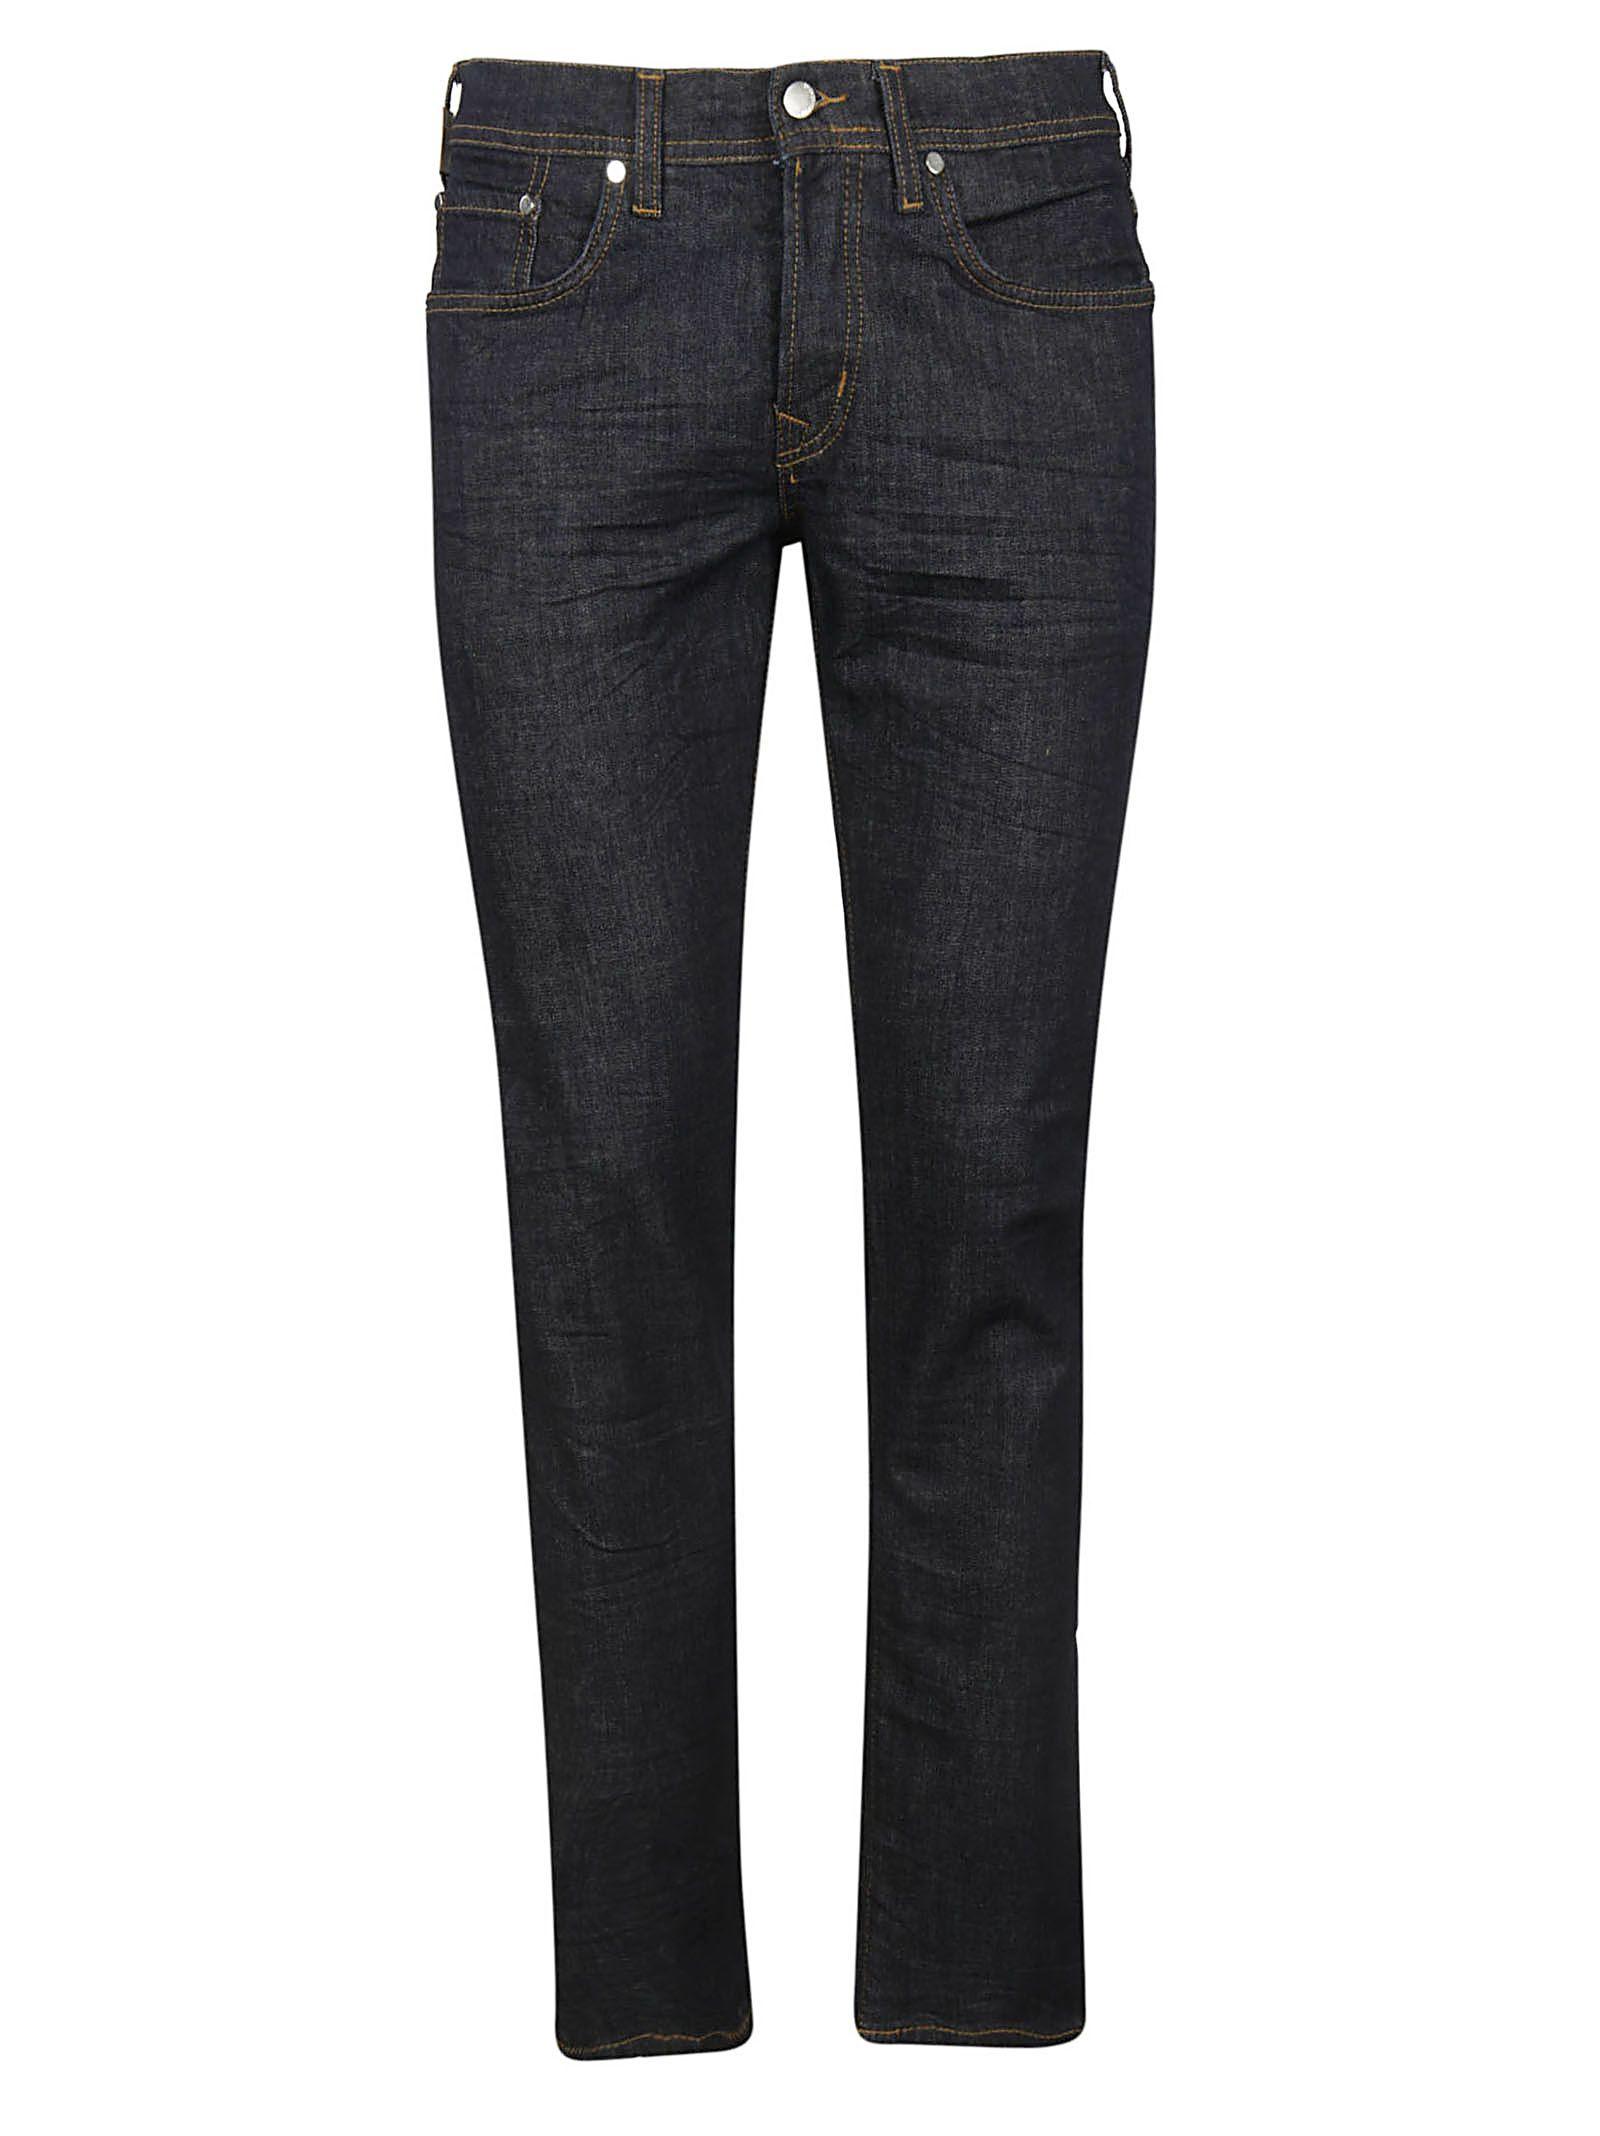 BRIAN DALES Slim Stretch Jeans in 002